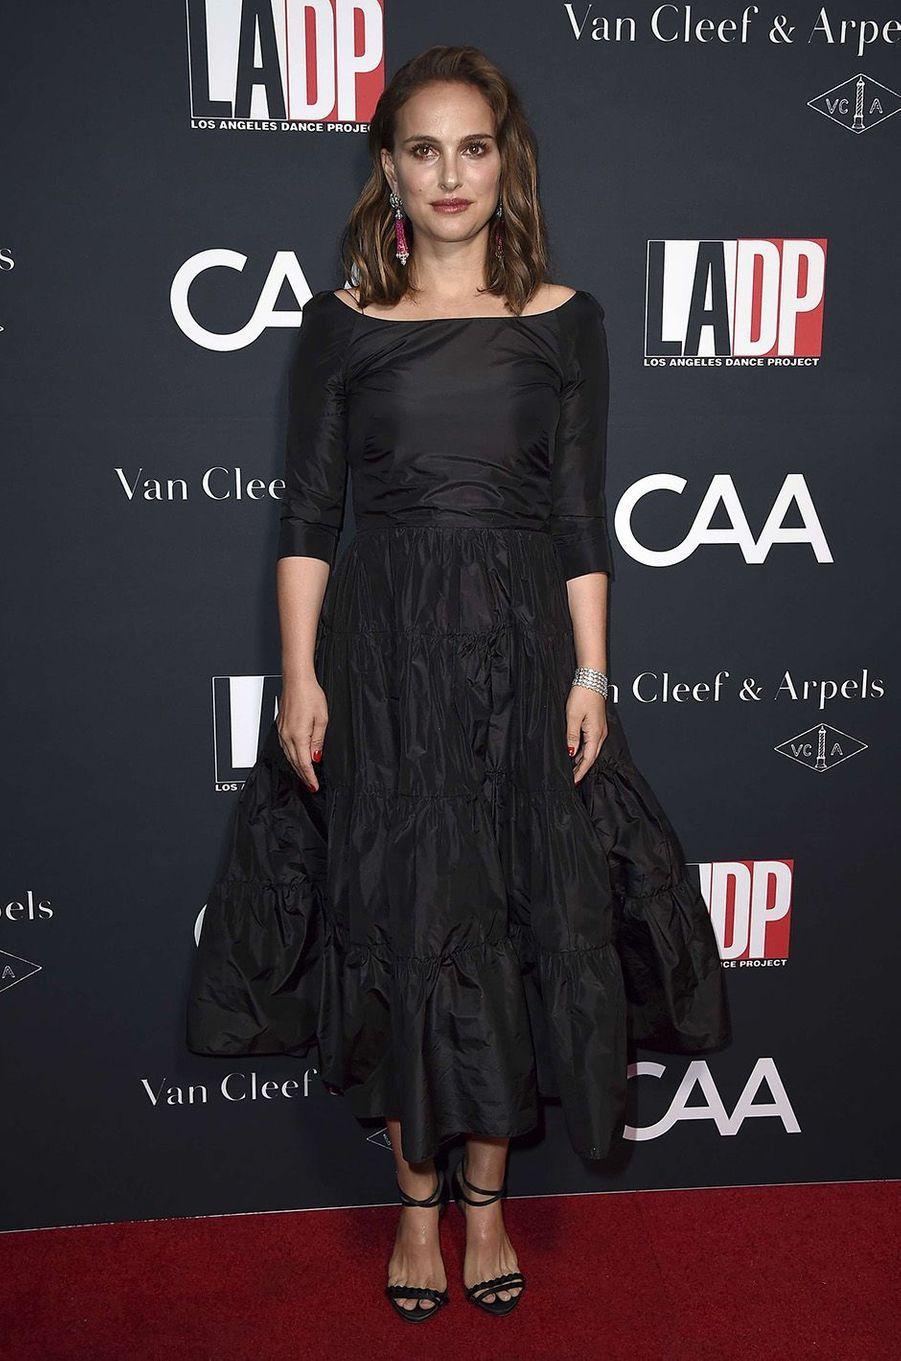 Natalie Portman sur le red carpet duL.A Dance Project, à Los Angeles, le 7 octobre 2017.